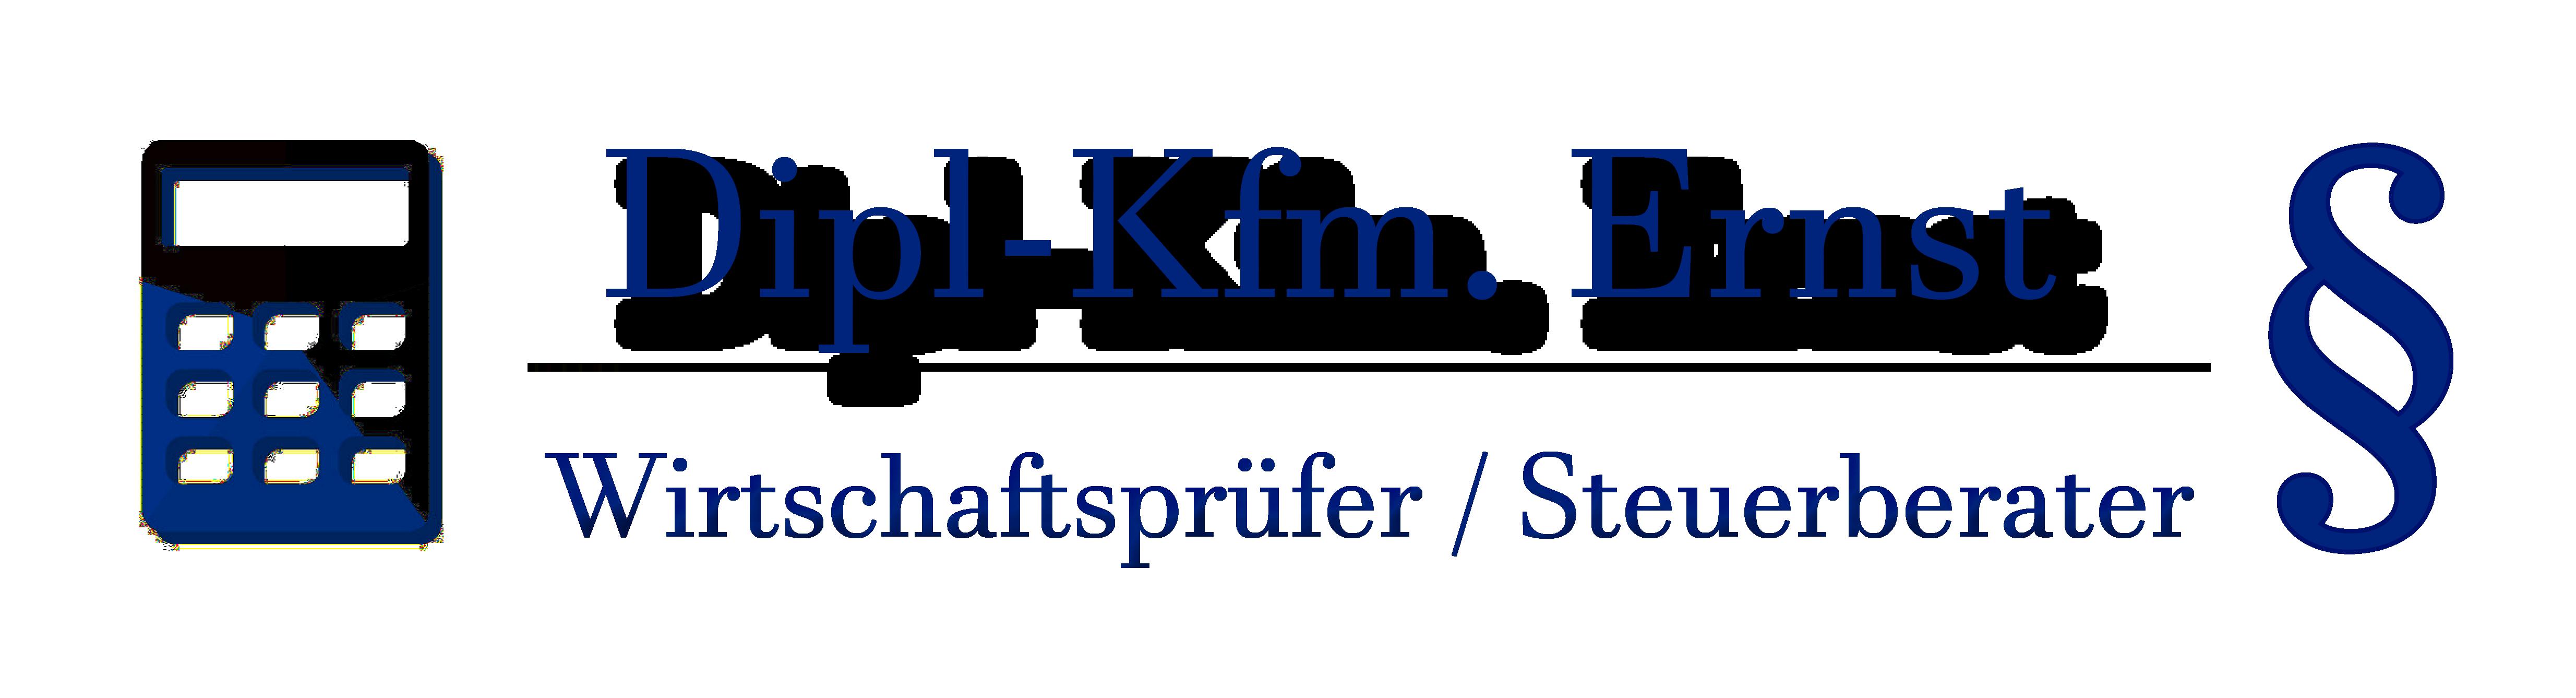 Steuerbüro Ernst